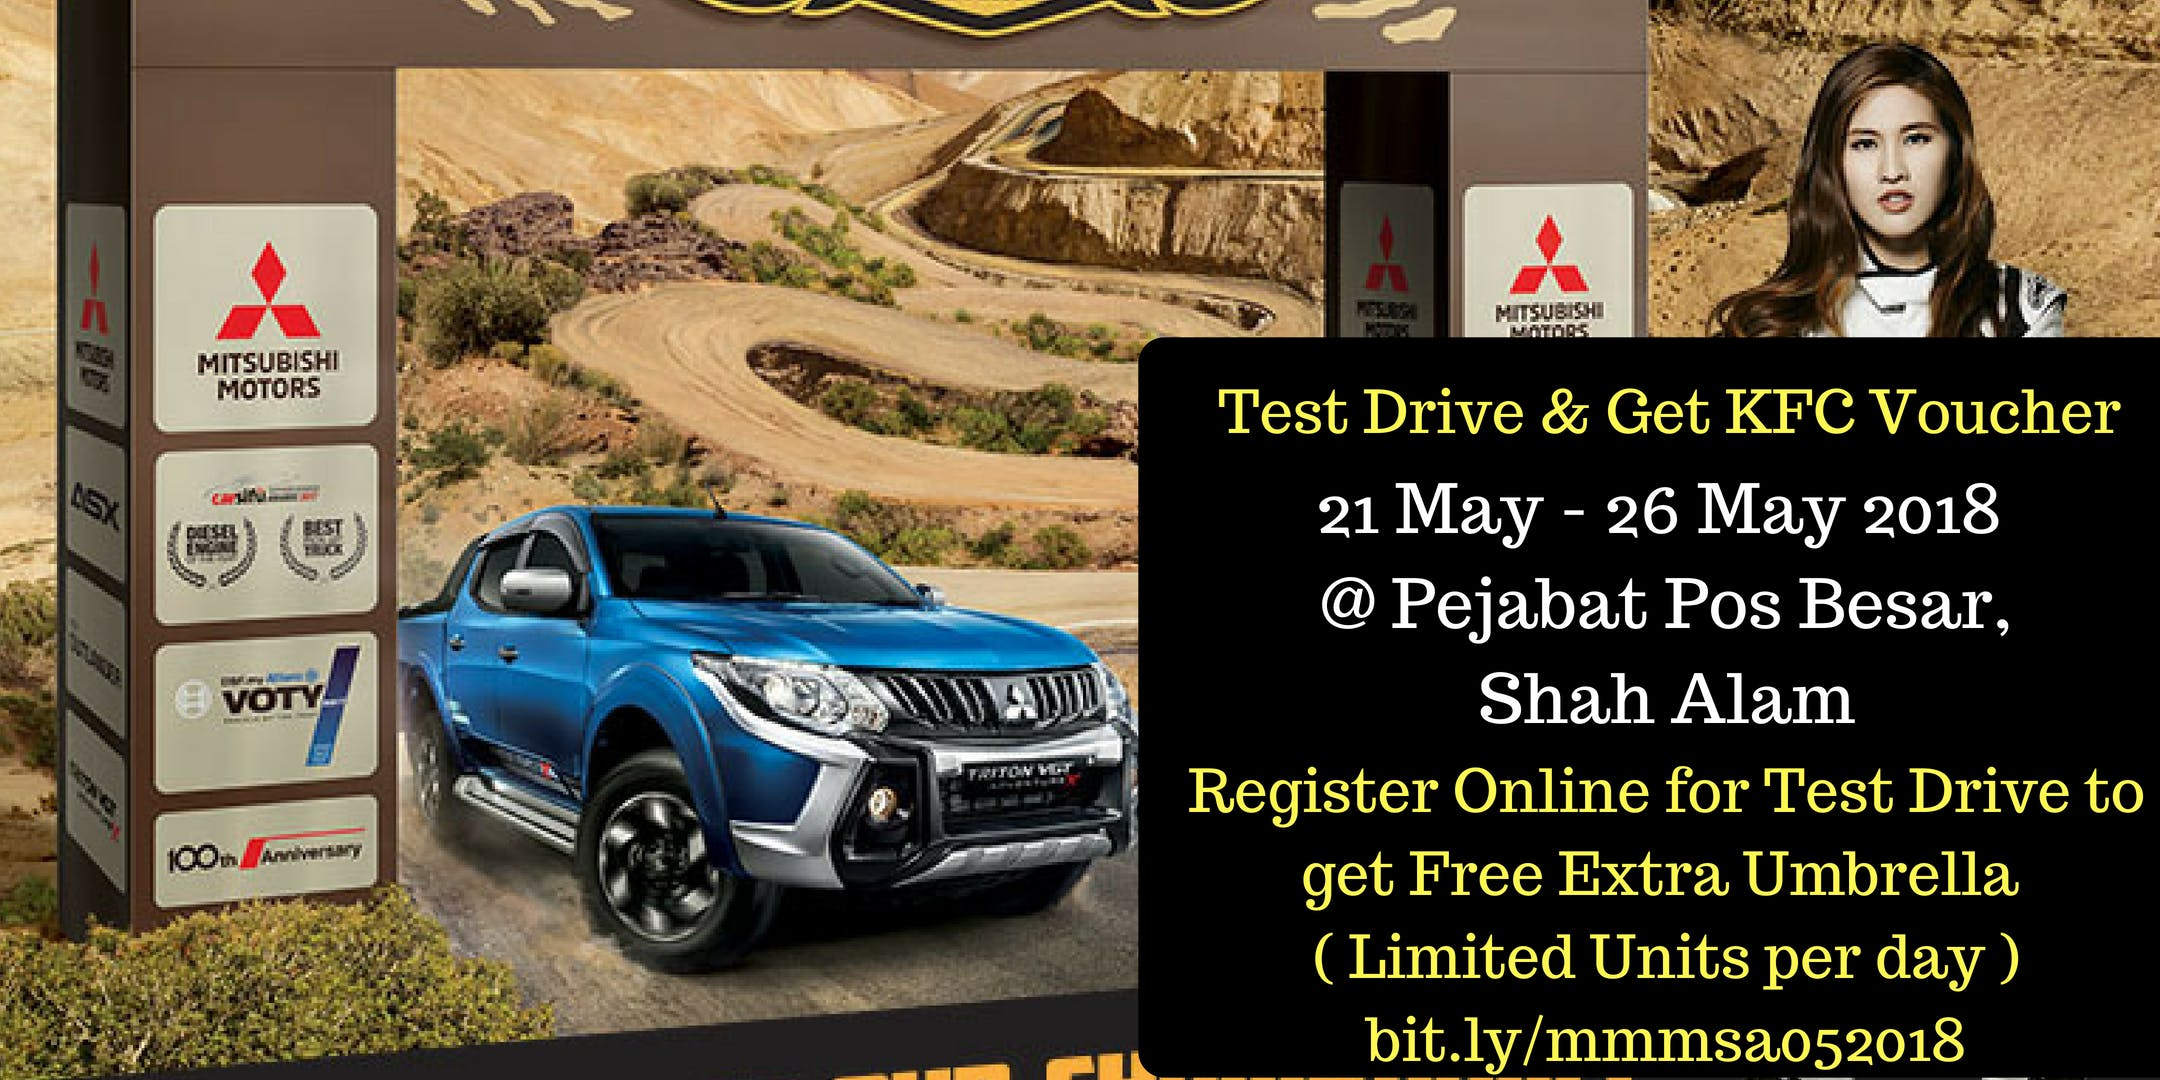 Mitsubishi Motors Roadshow Test Drive Get Free Kfc Voucher 21 26 May 2018